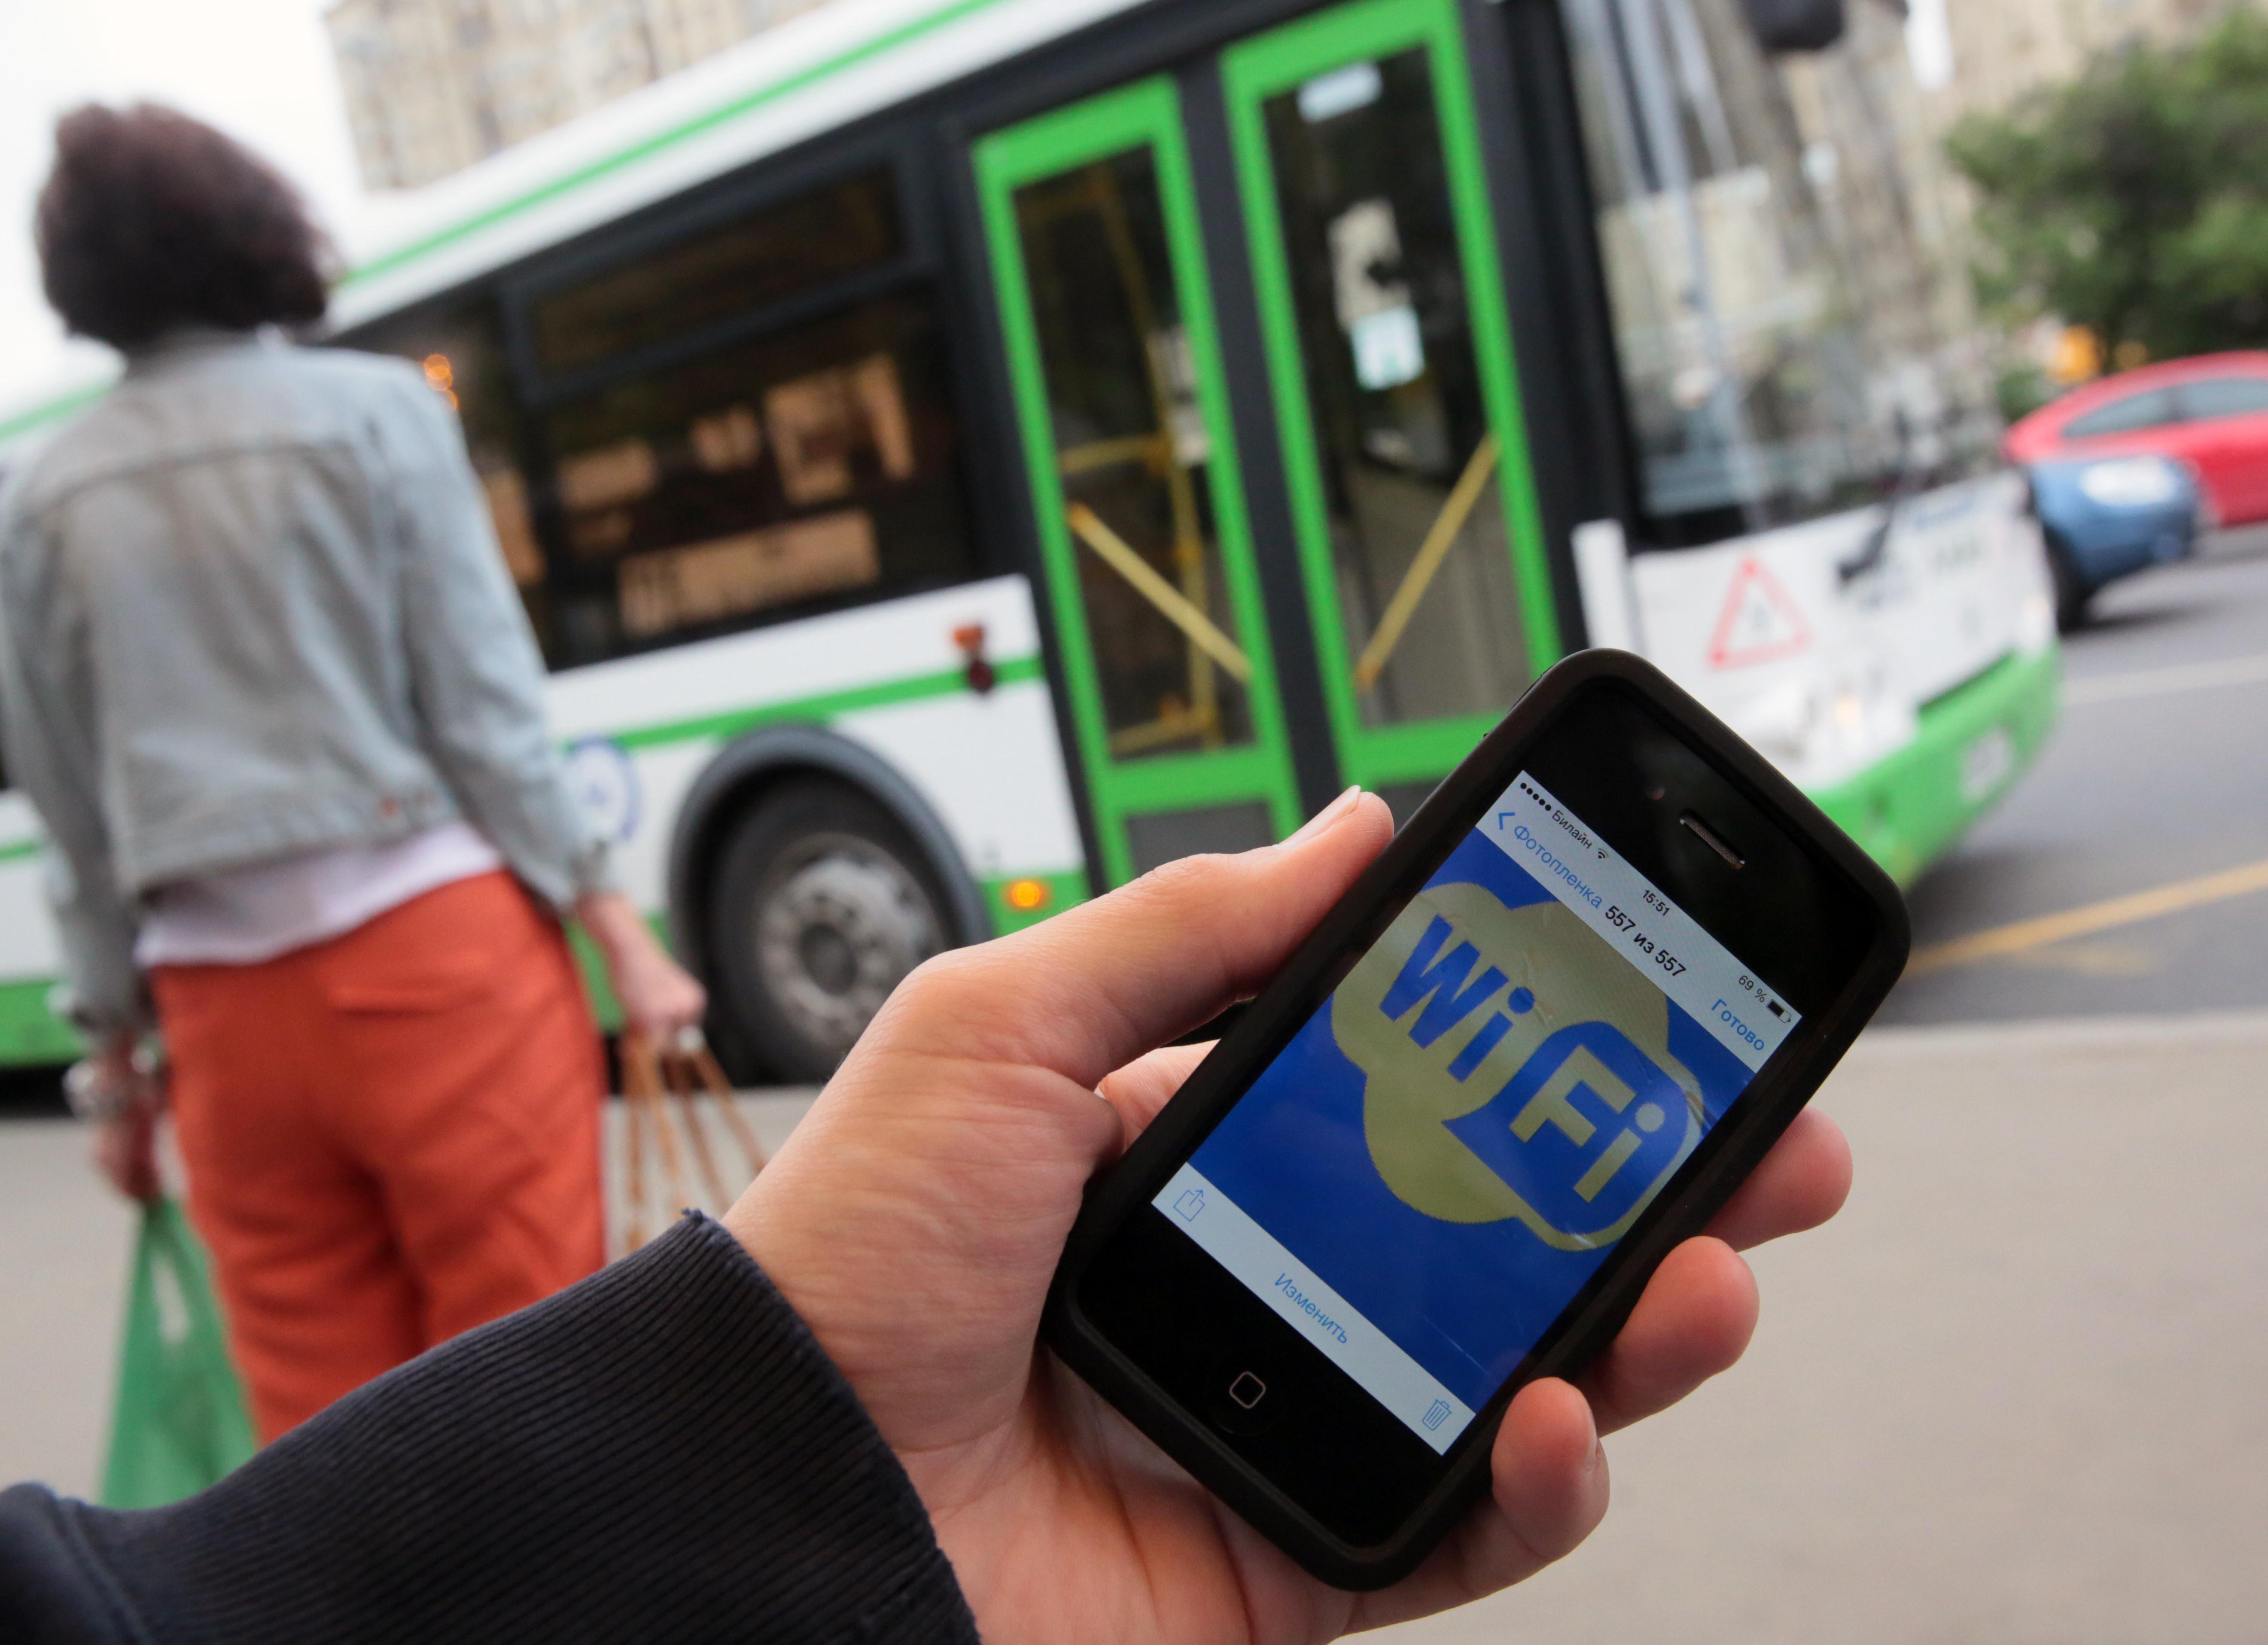 В Казани появились маршрутные автобусы с бесплатным Wi-Fi